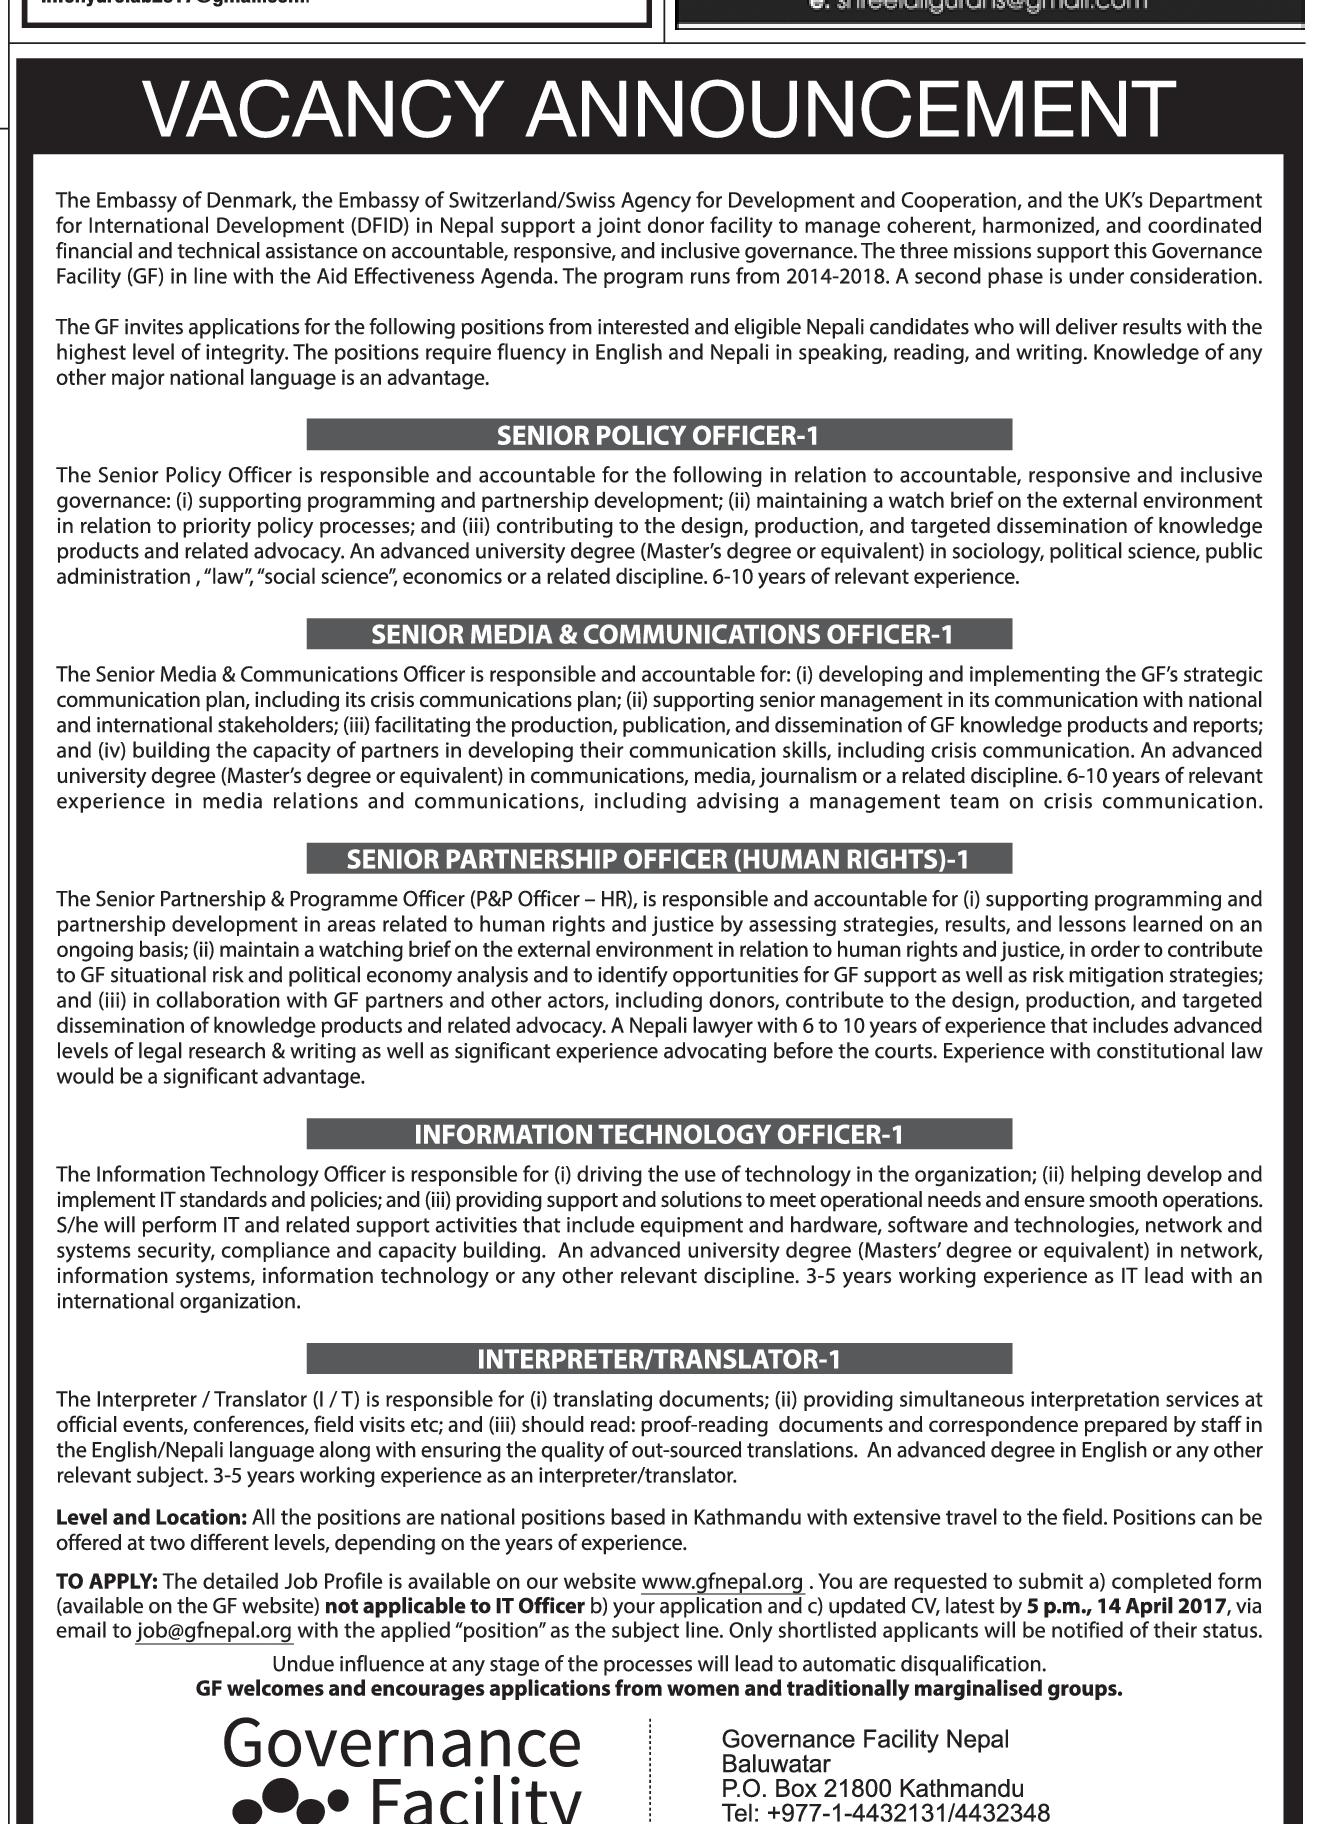 job vacancies in embassy job description